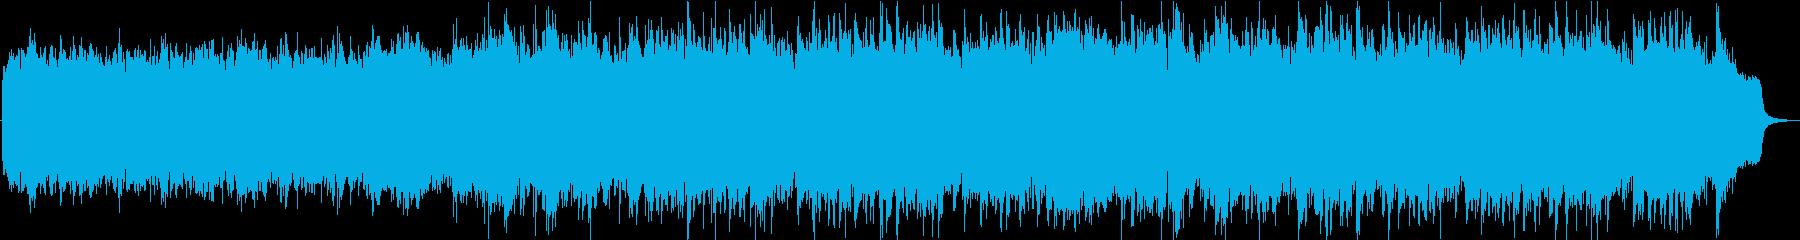 ミステリアスで感傷的不思系キラキラな曲の再生済みの波形